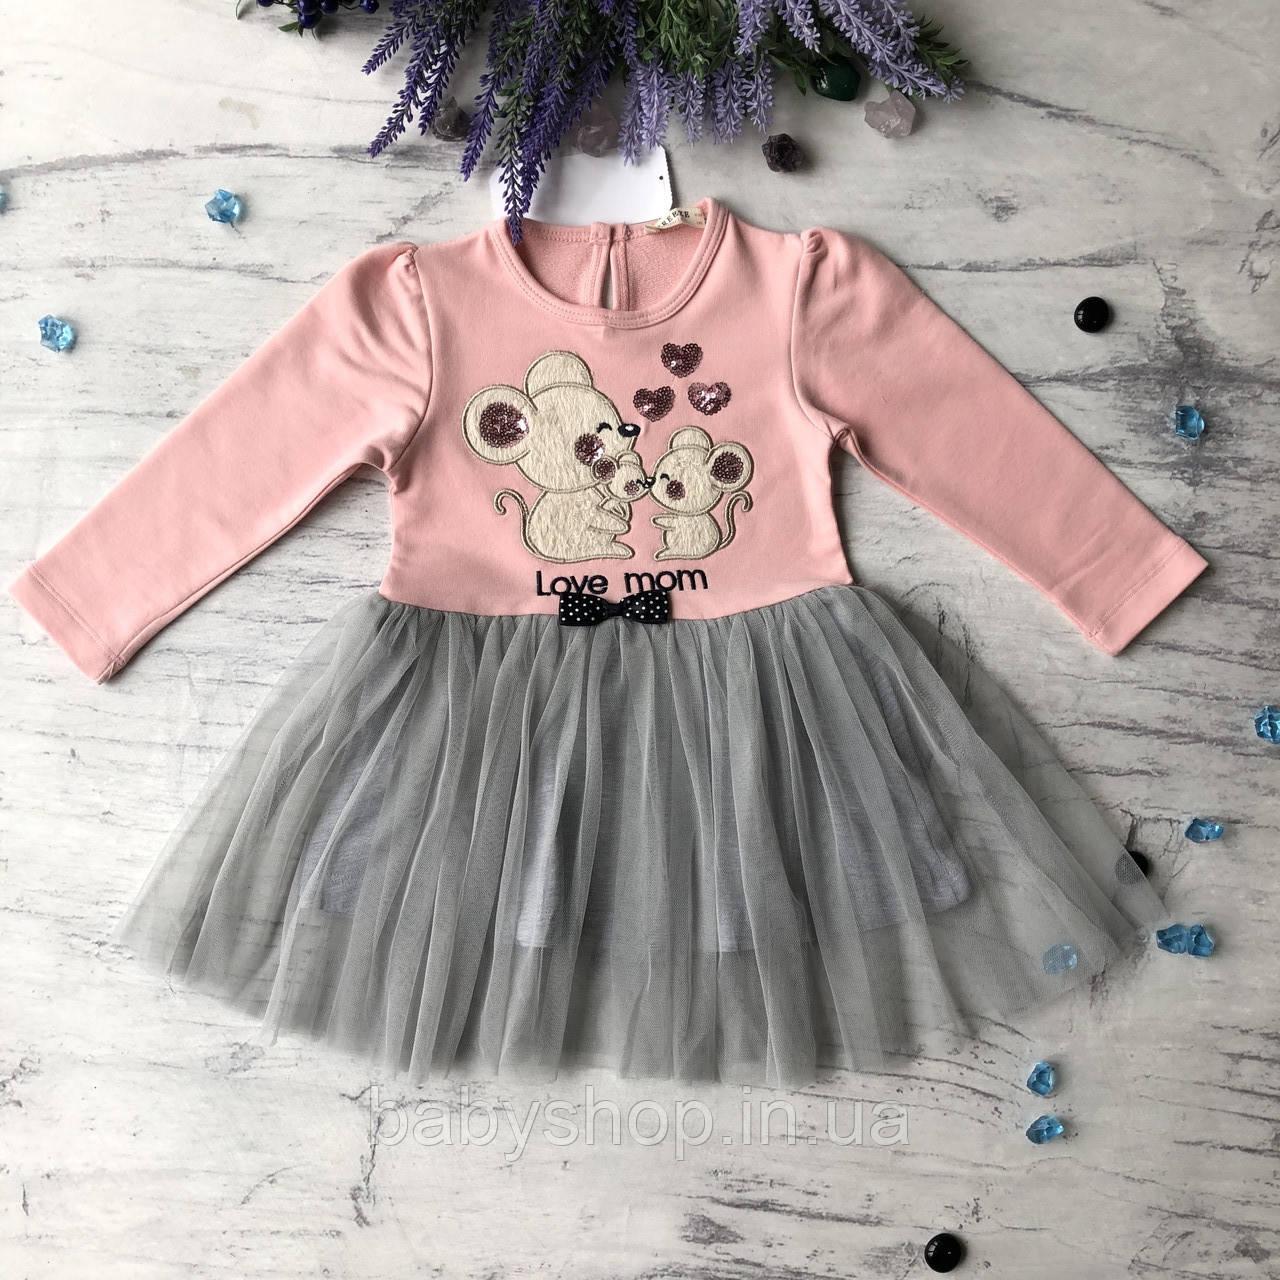 Пышное платье на девочку Breeze 181 . Размер 86 см, 92 см, 98 см, 104 см